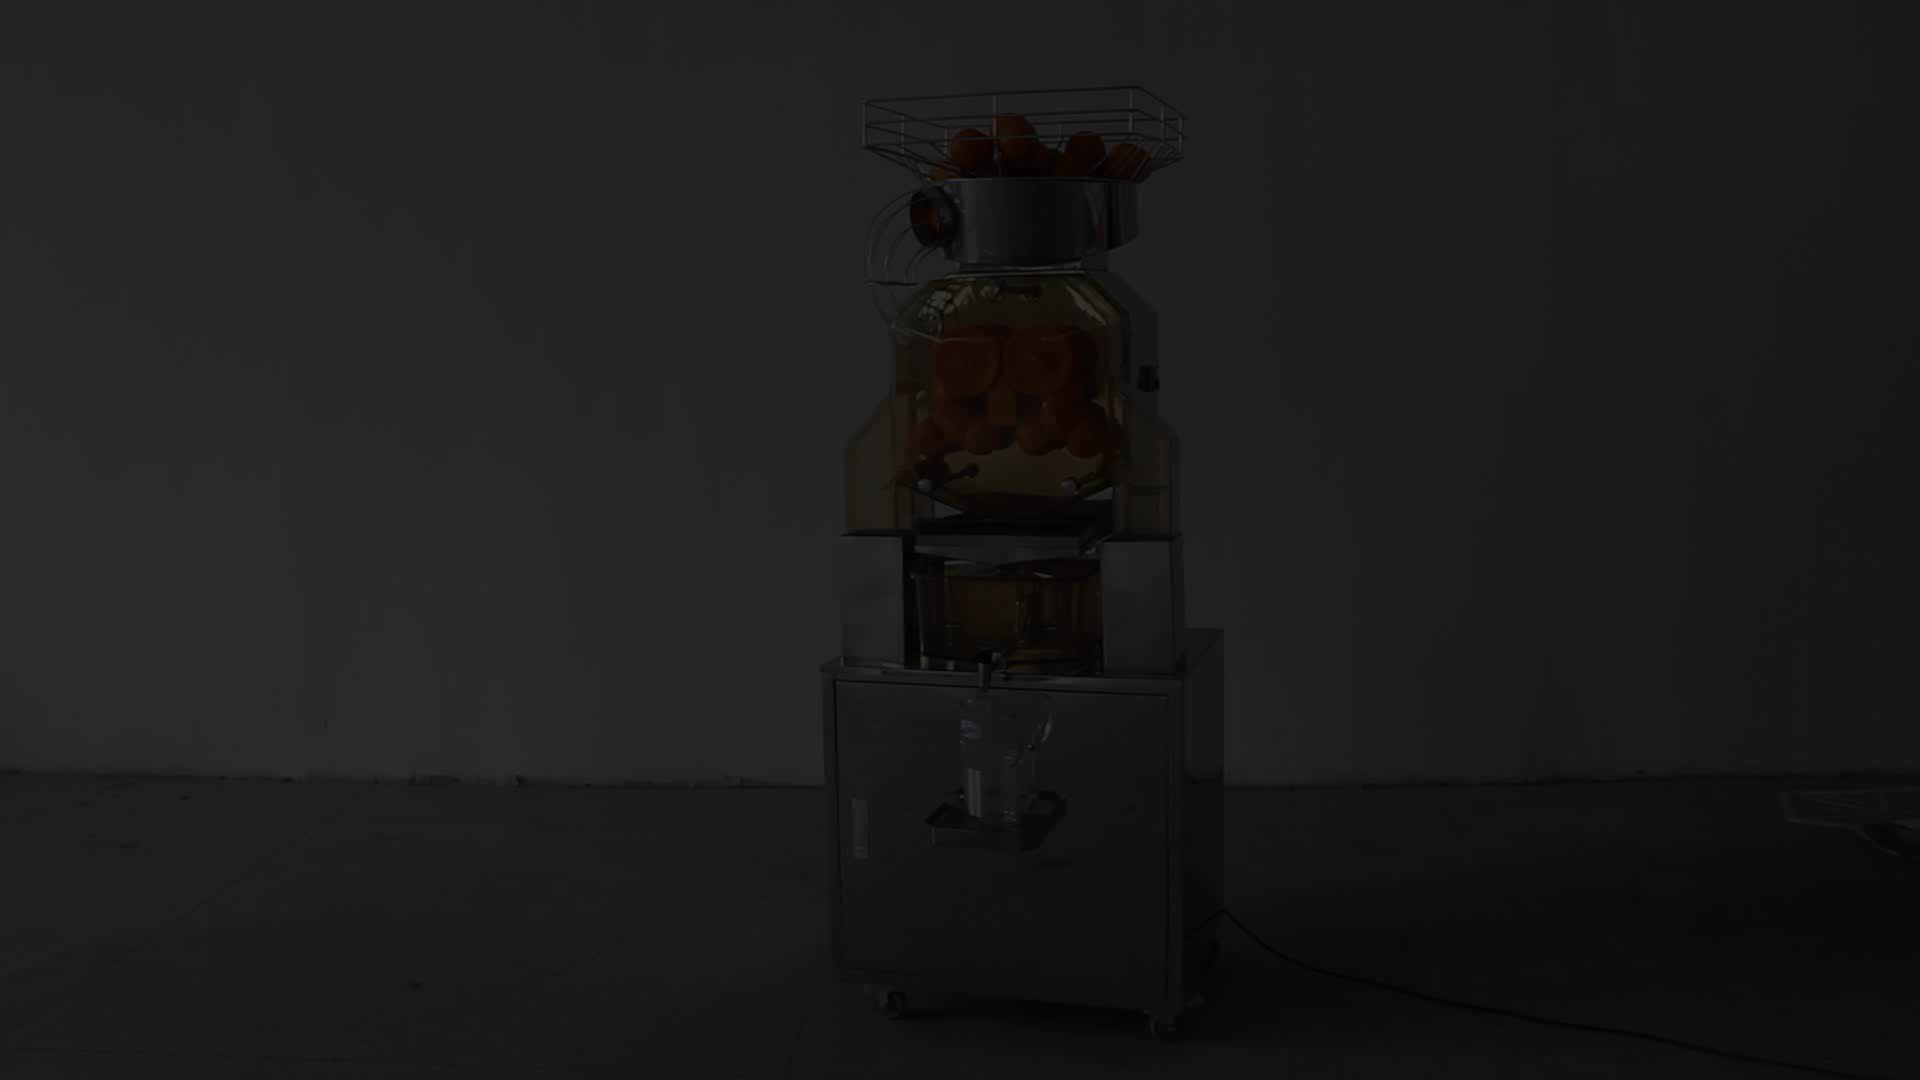 370 w वाणिज्यिक स्टेनलेस स्टील ऑटो नारंगी juicer के रस चिमटा juicer मशीन